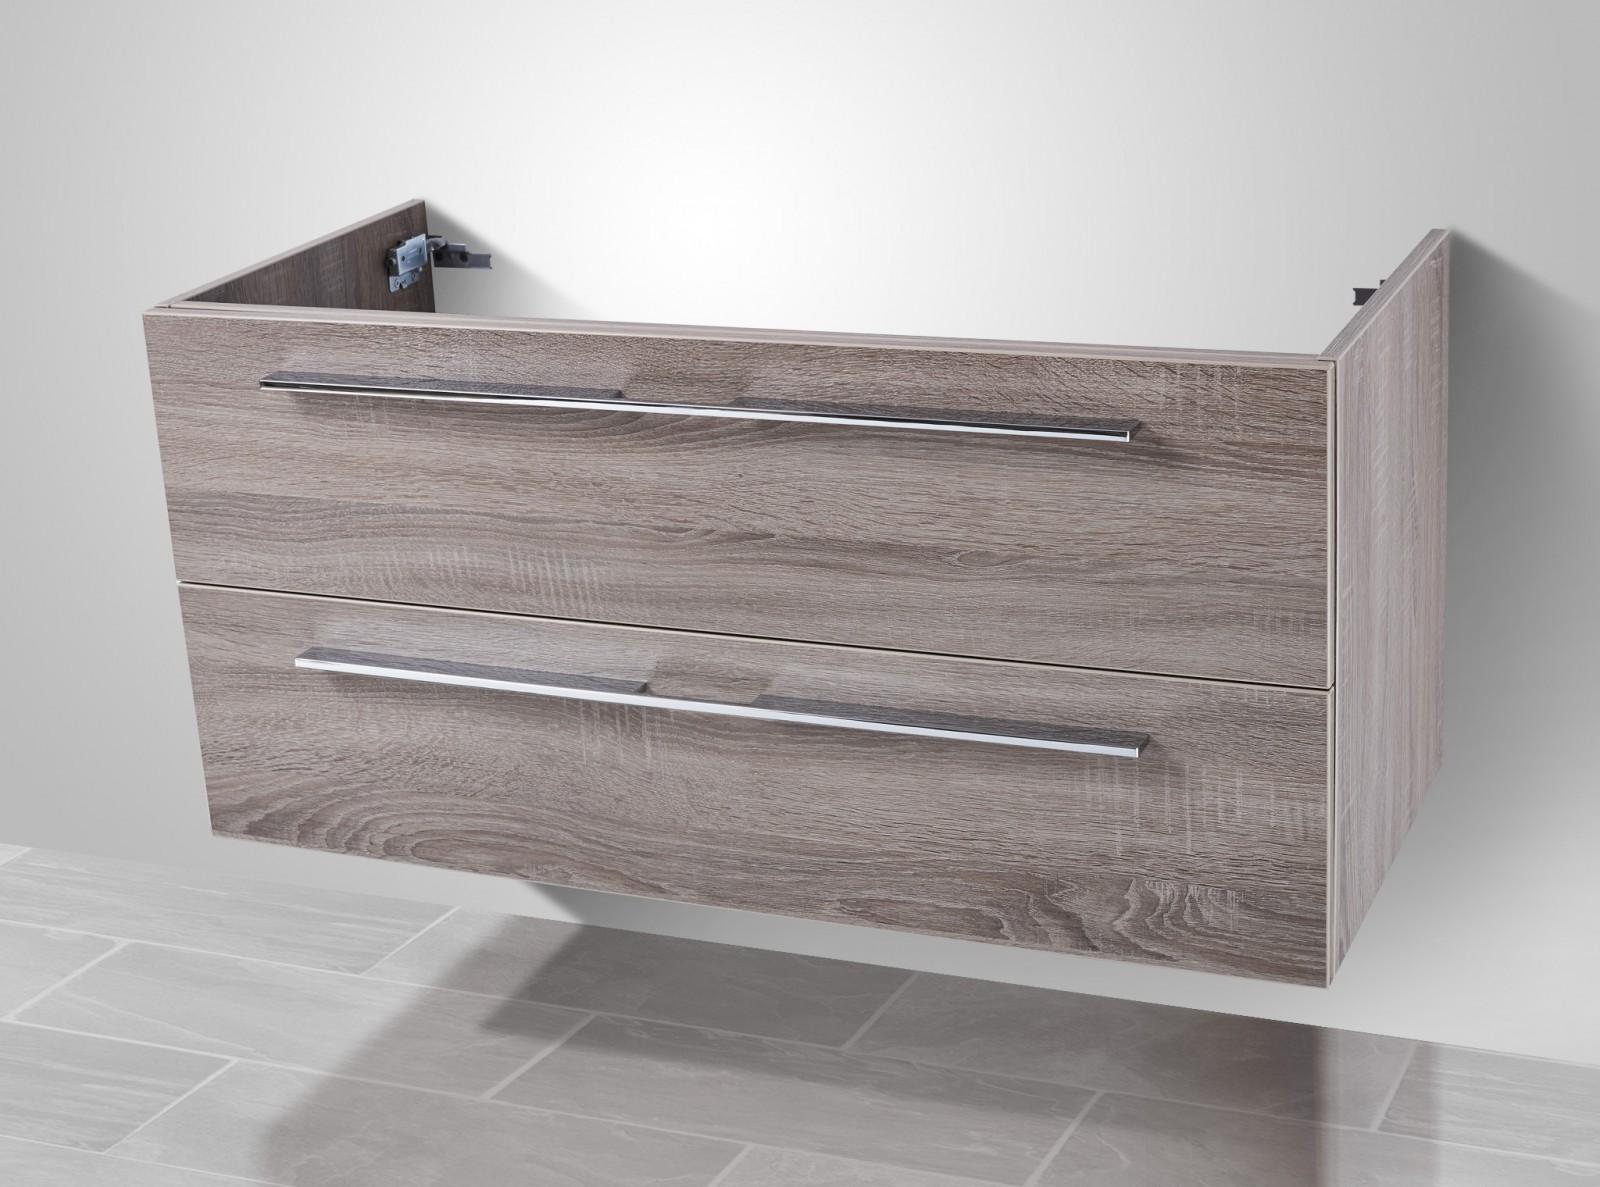 waschtisch unterschrank zu duravit starck 3 doppelwaschtisch 130 cm waschbeckenunterschrank. Black Bedroom Furniture Sets. Home Design Ideas